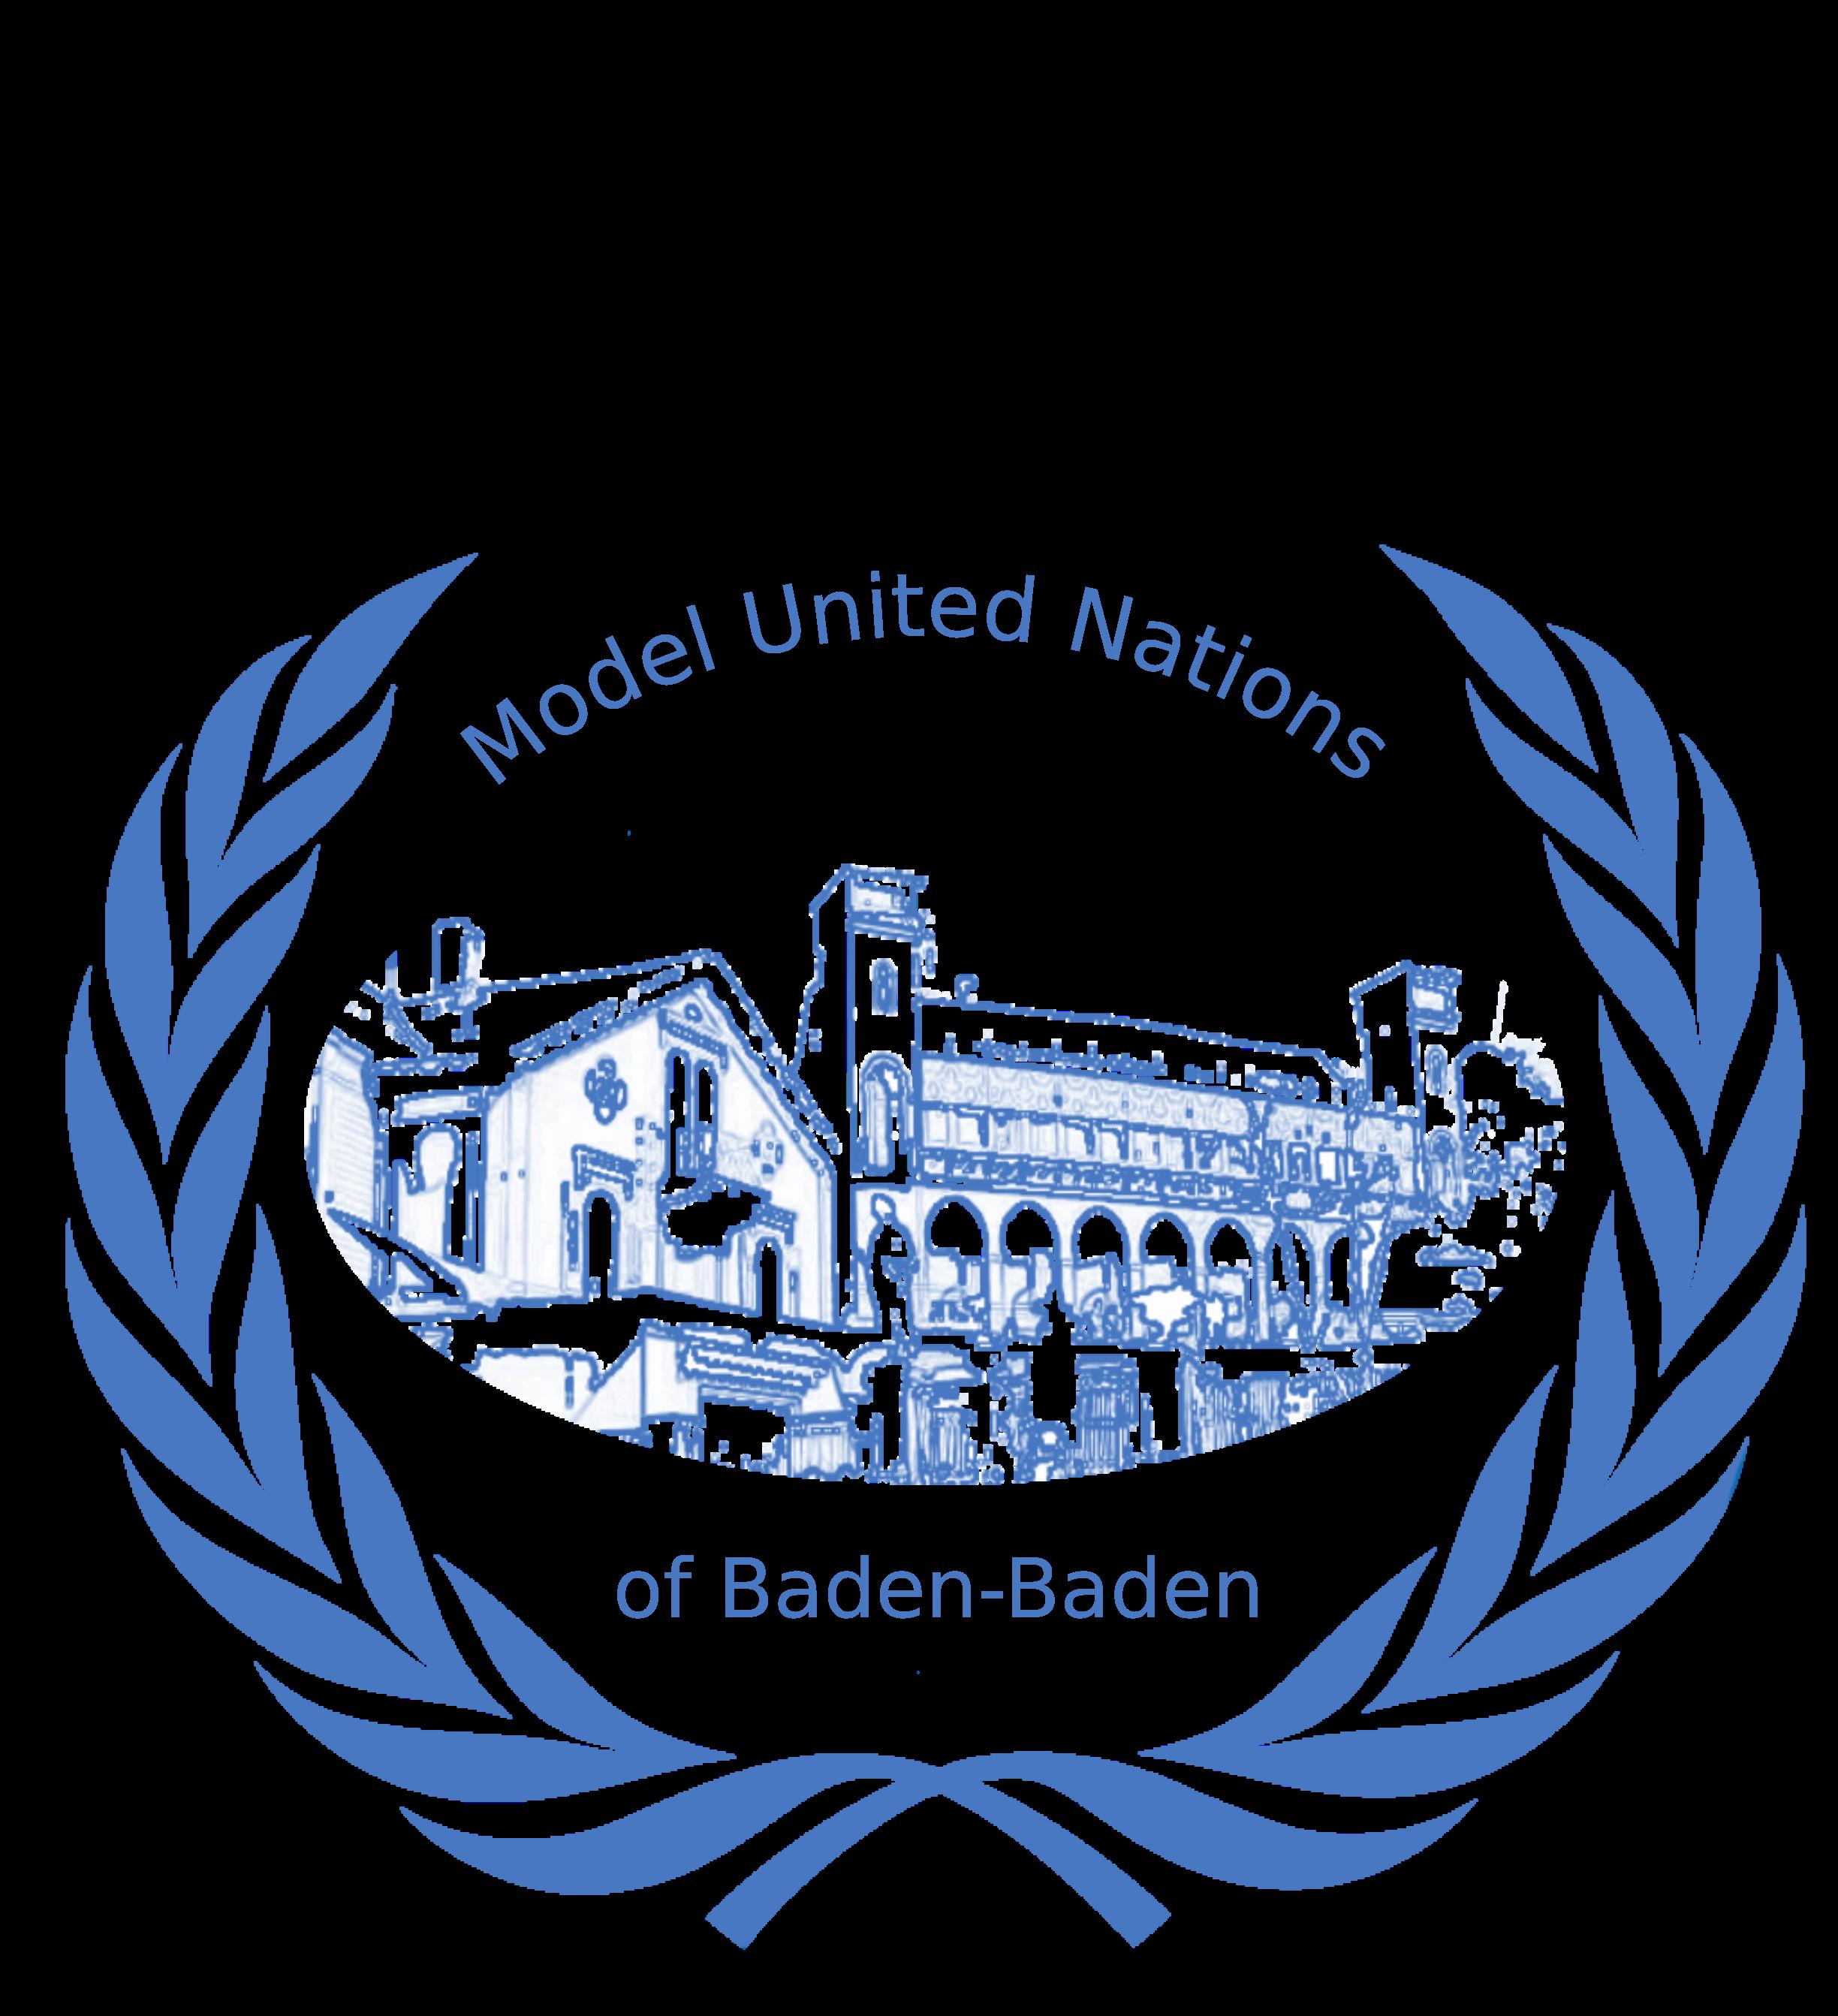 Bad En model united nations of bb pädagogium baden baden